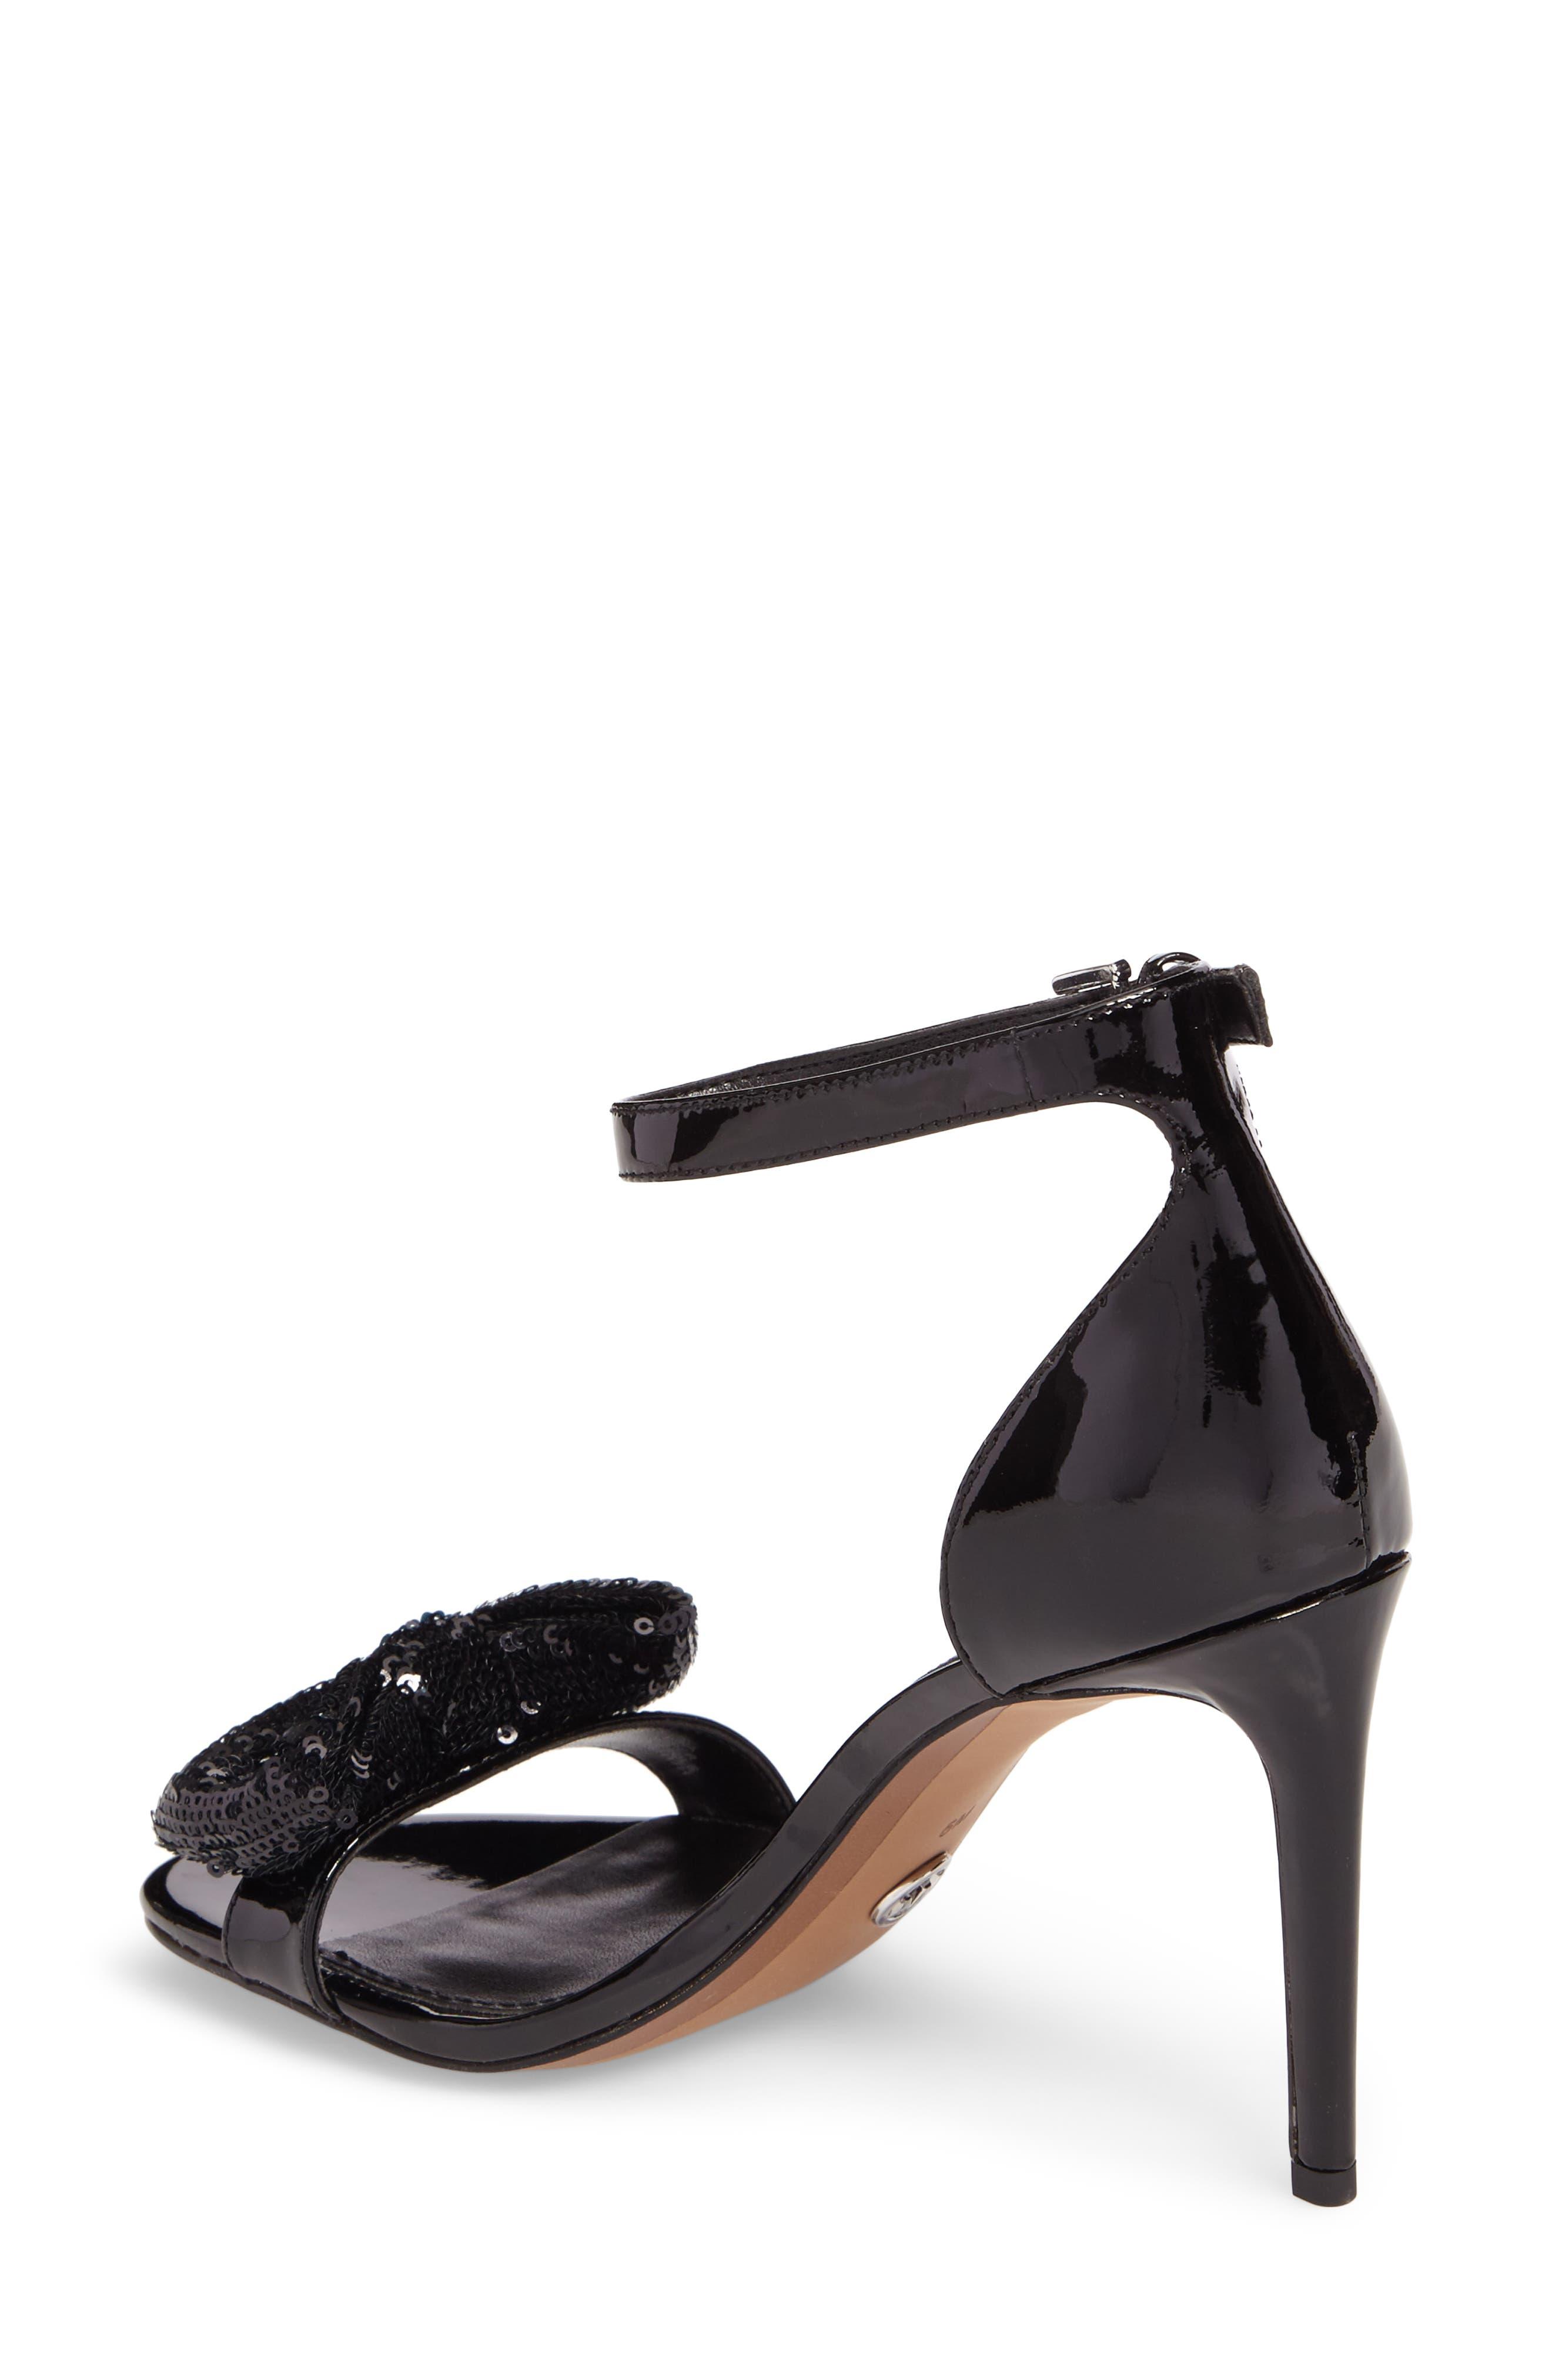 Paris Sequin Bow Sandal,                             Alternate thumbnail 2, color,                             001